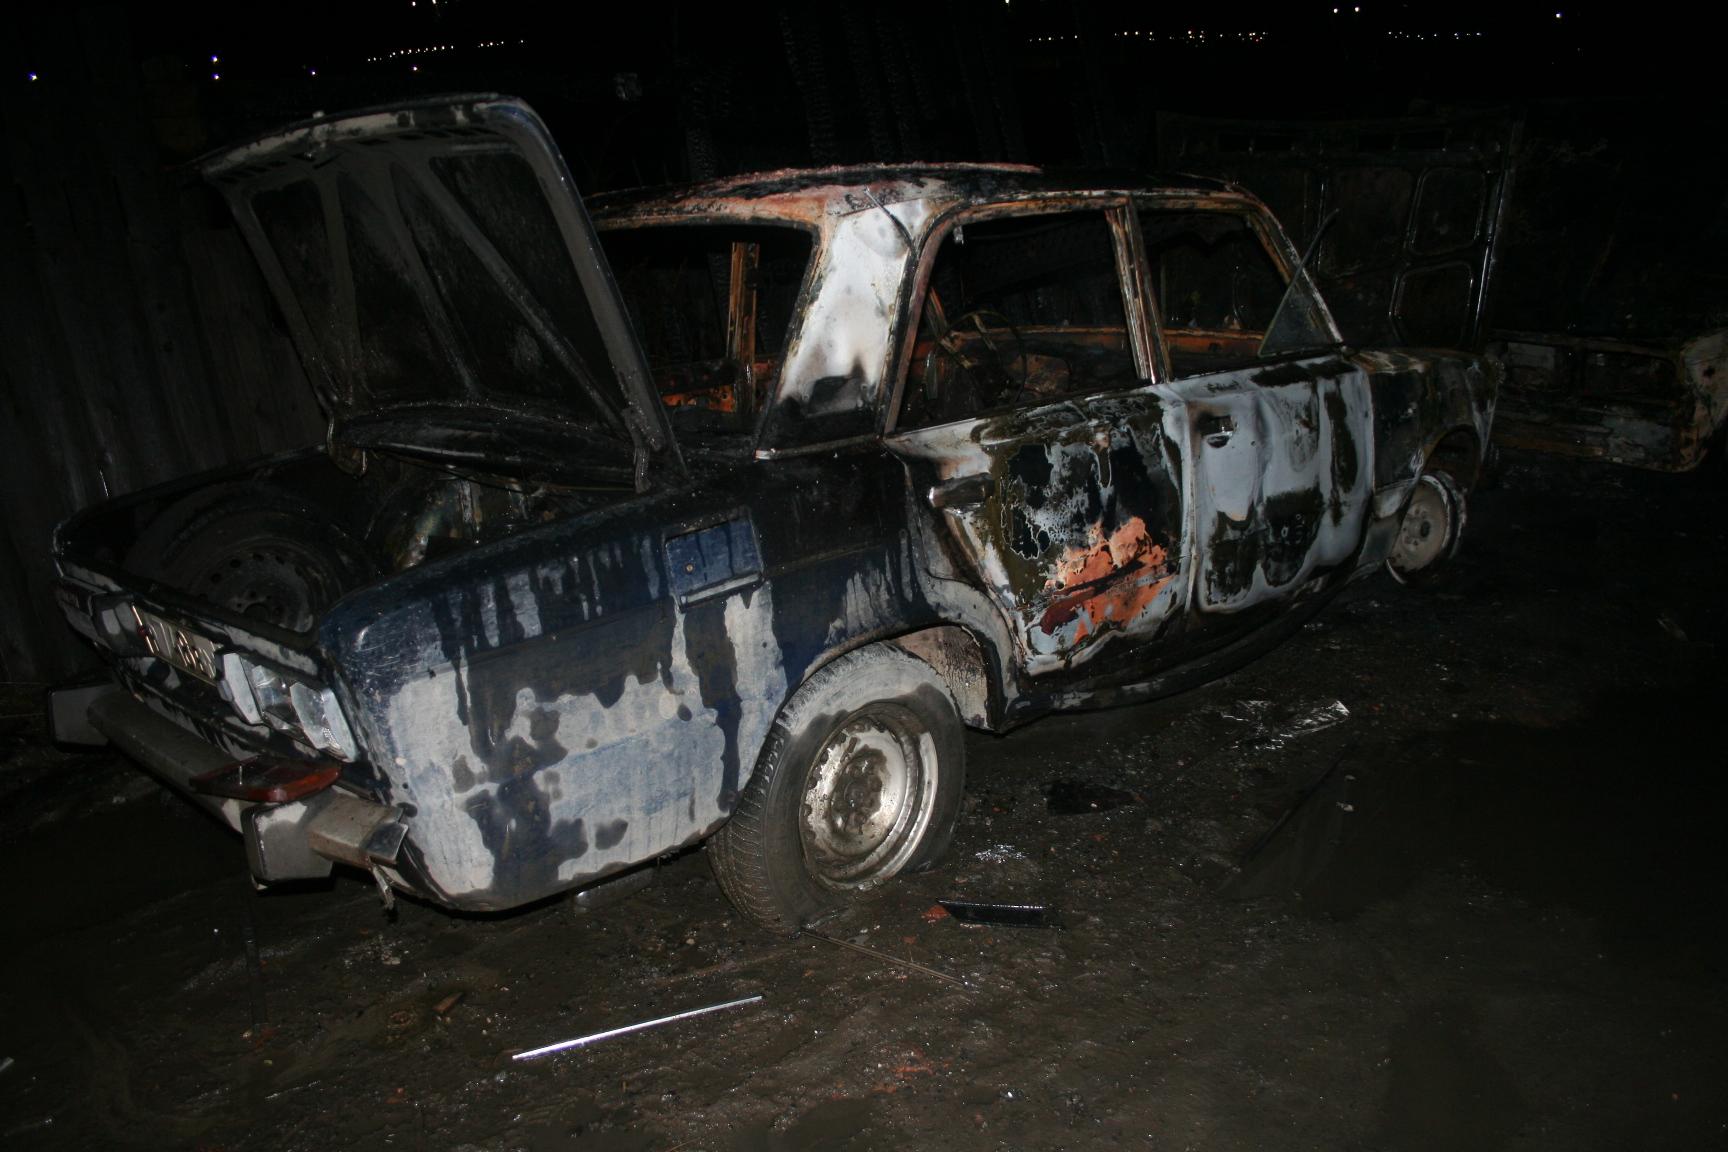 На Сортировке ночью сгорели три ВАЗа, принадлежавшие мигрантам